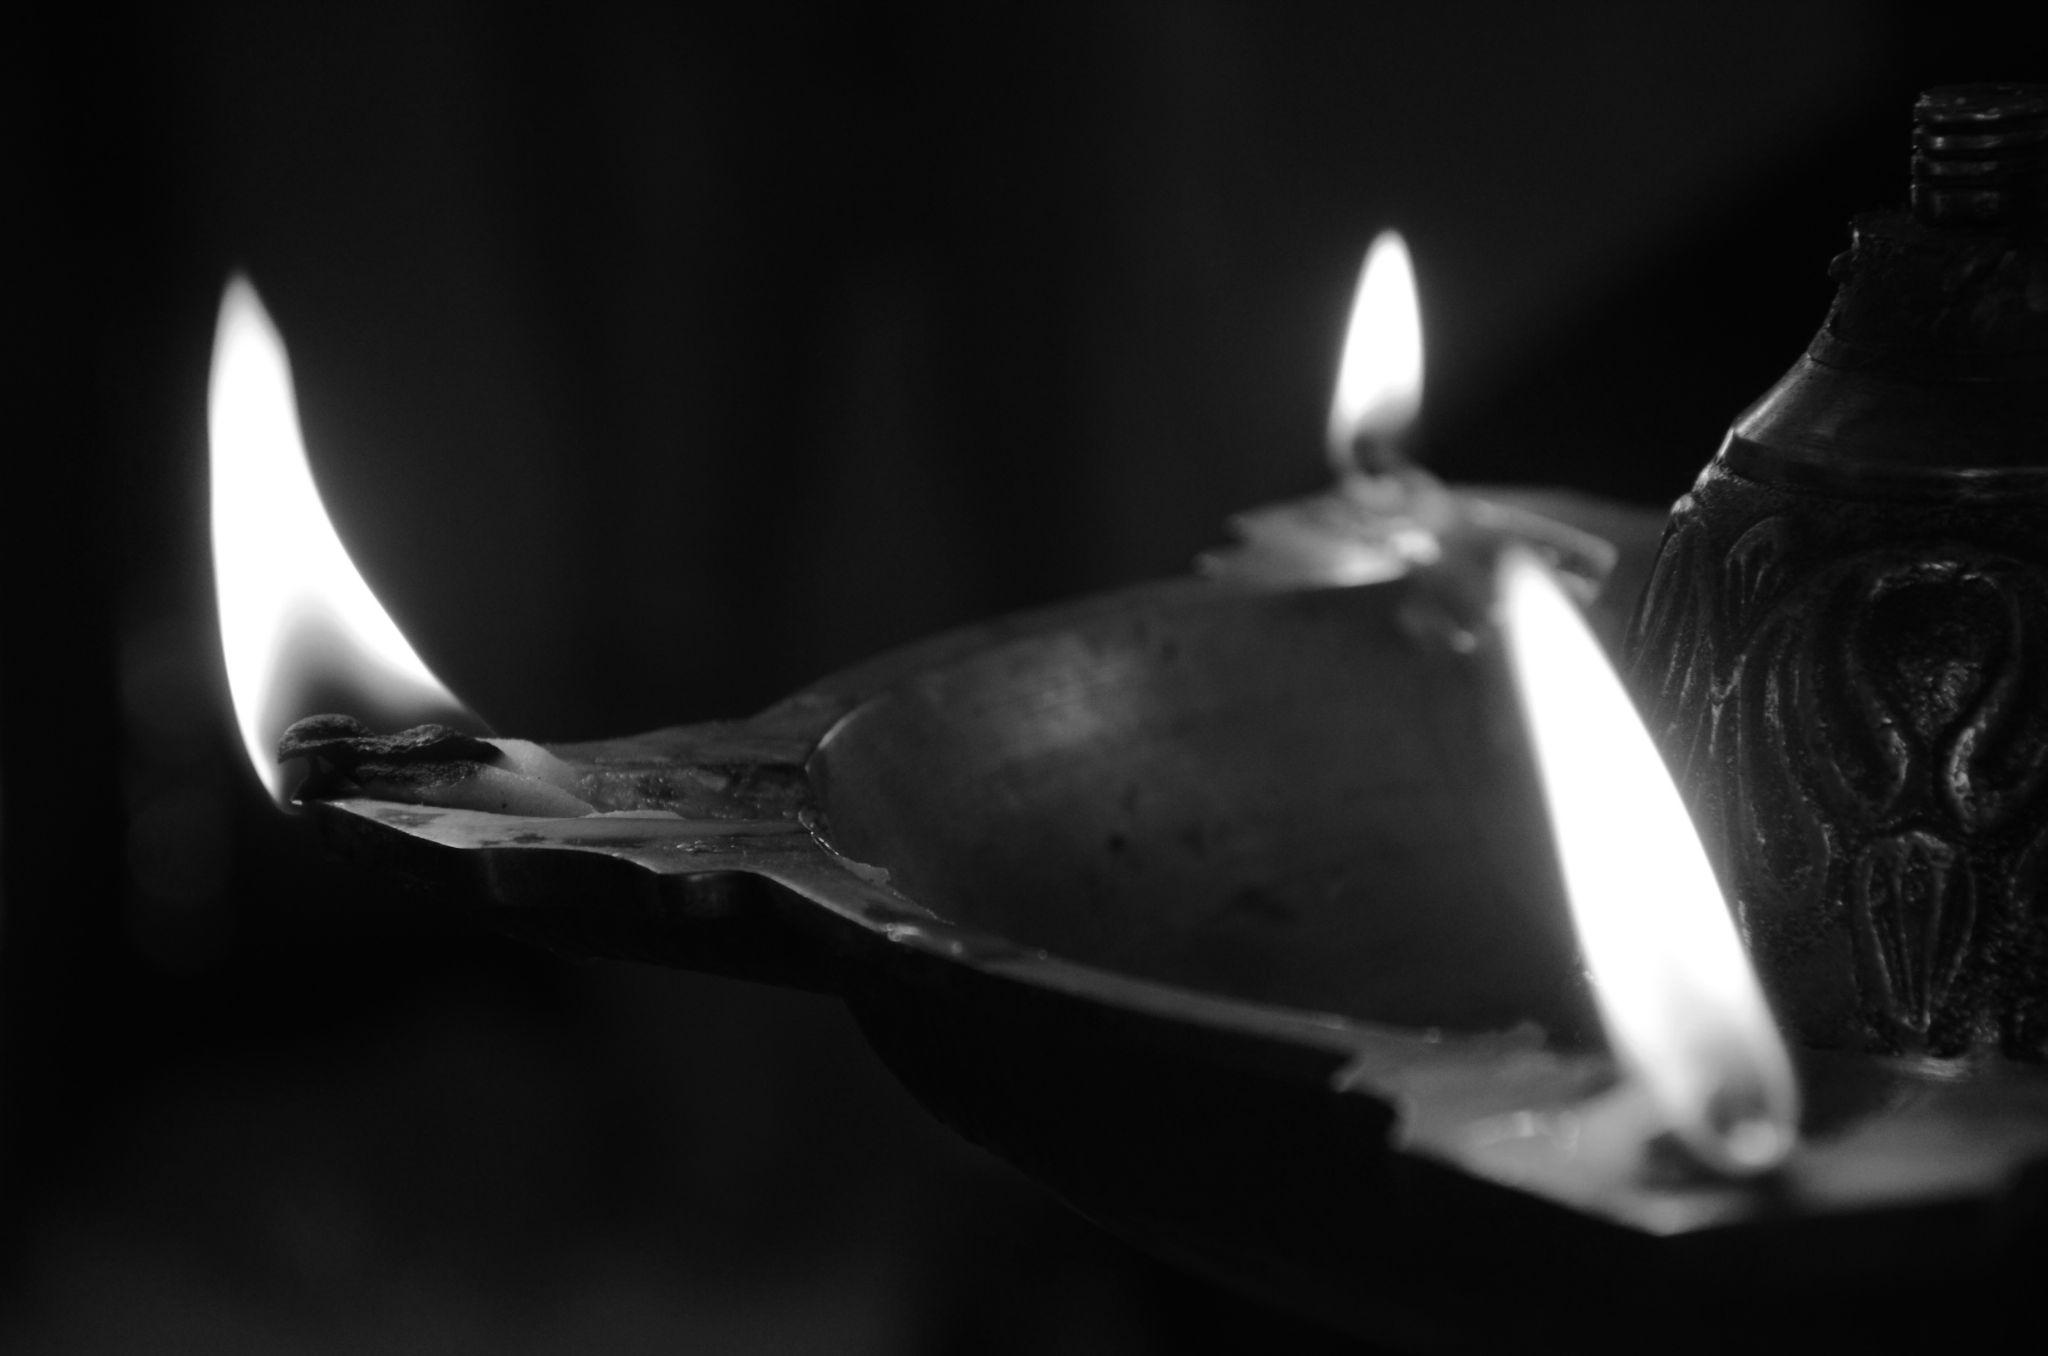 Indian Lamp by Ranjeet kumar paswan